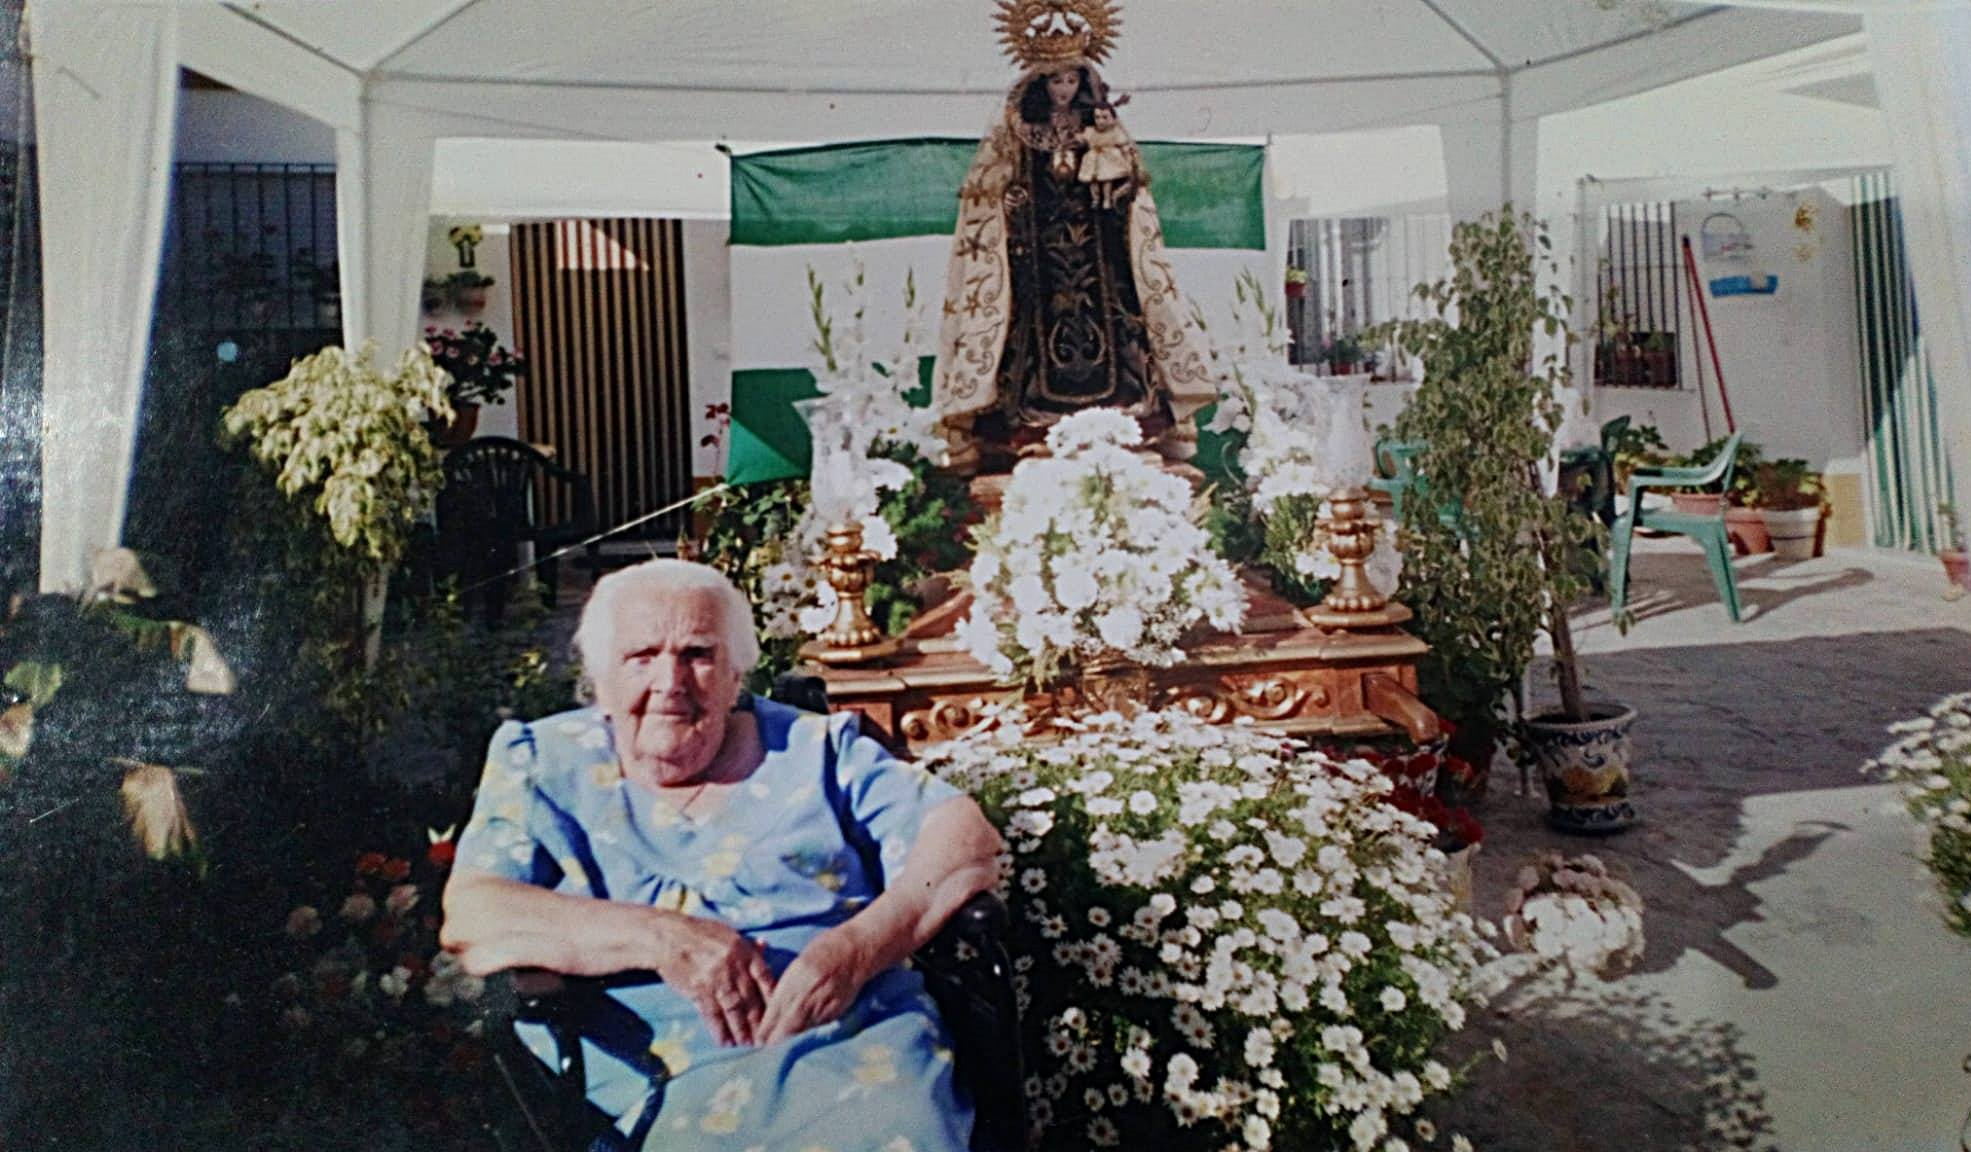 Rosario, la Casera, frente a la Virgen del Carmen en Alsedo 51.